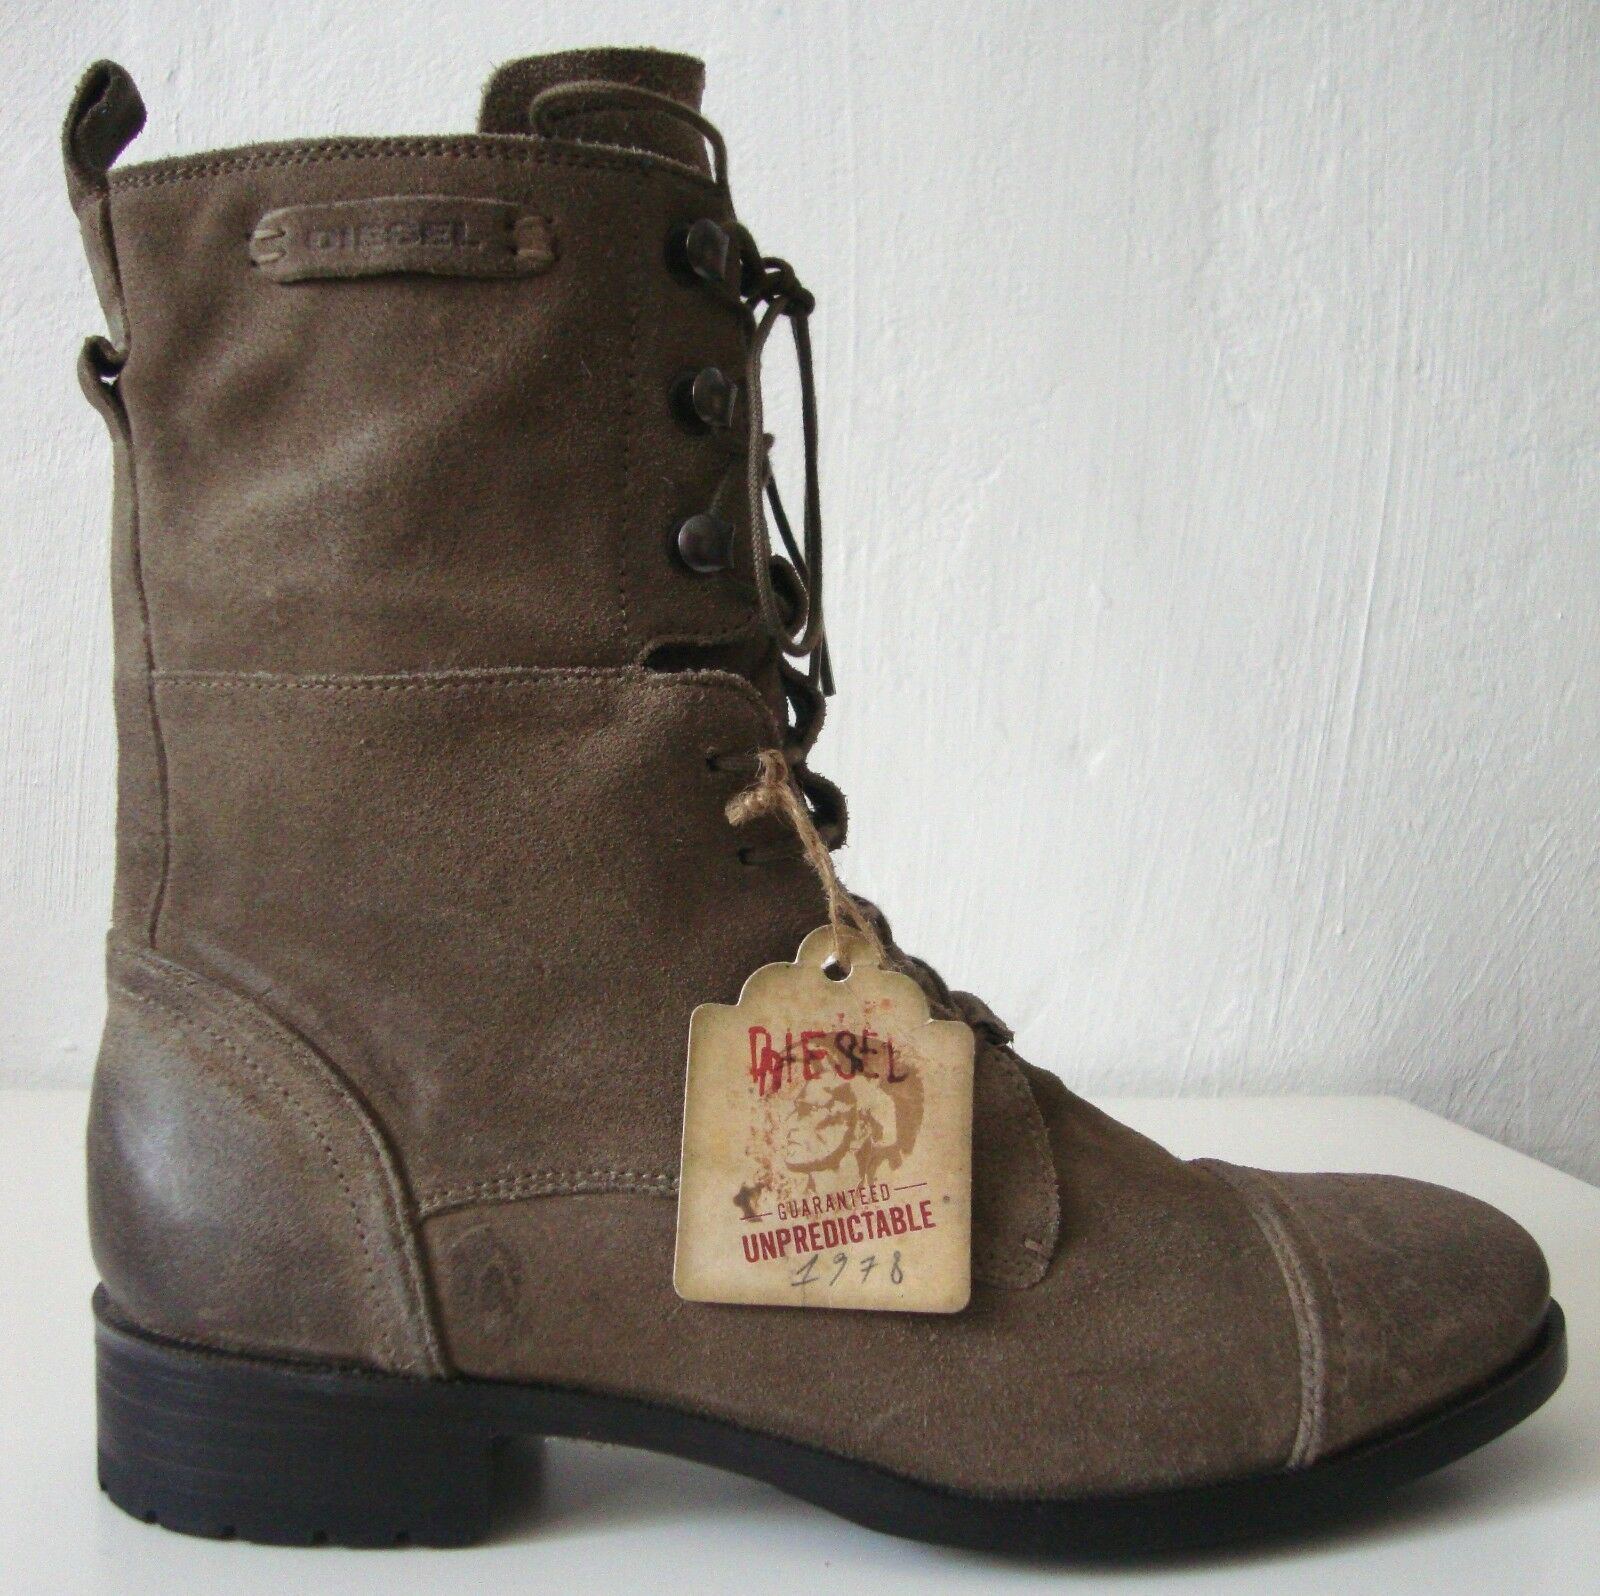 DIESEL Stiefel Herren Kurzschaft Schuhe Stiefel Knöchelstiefel Schuhe Kurzschaft Echtleder Gr.43 NEU 9a31e0